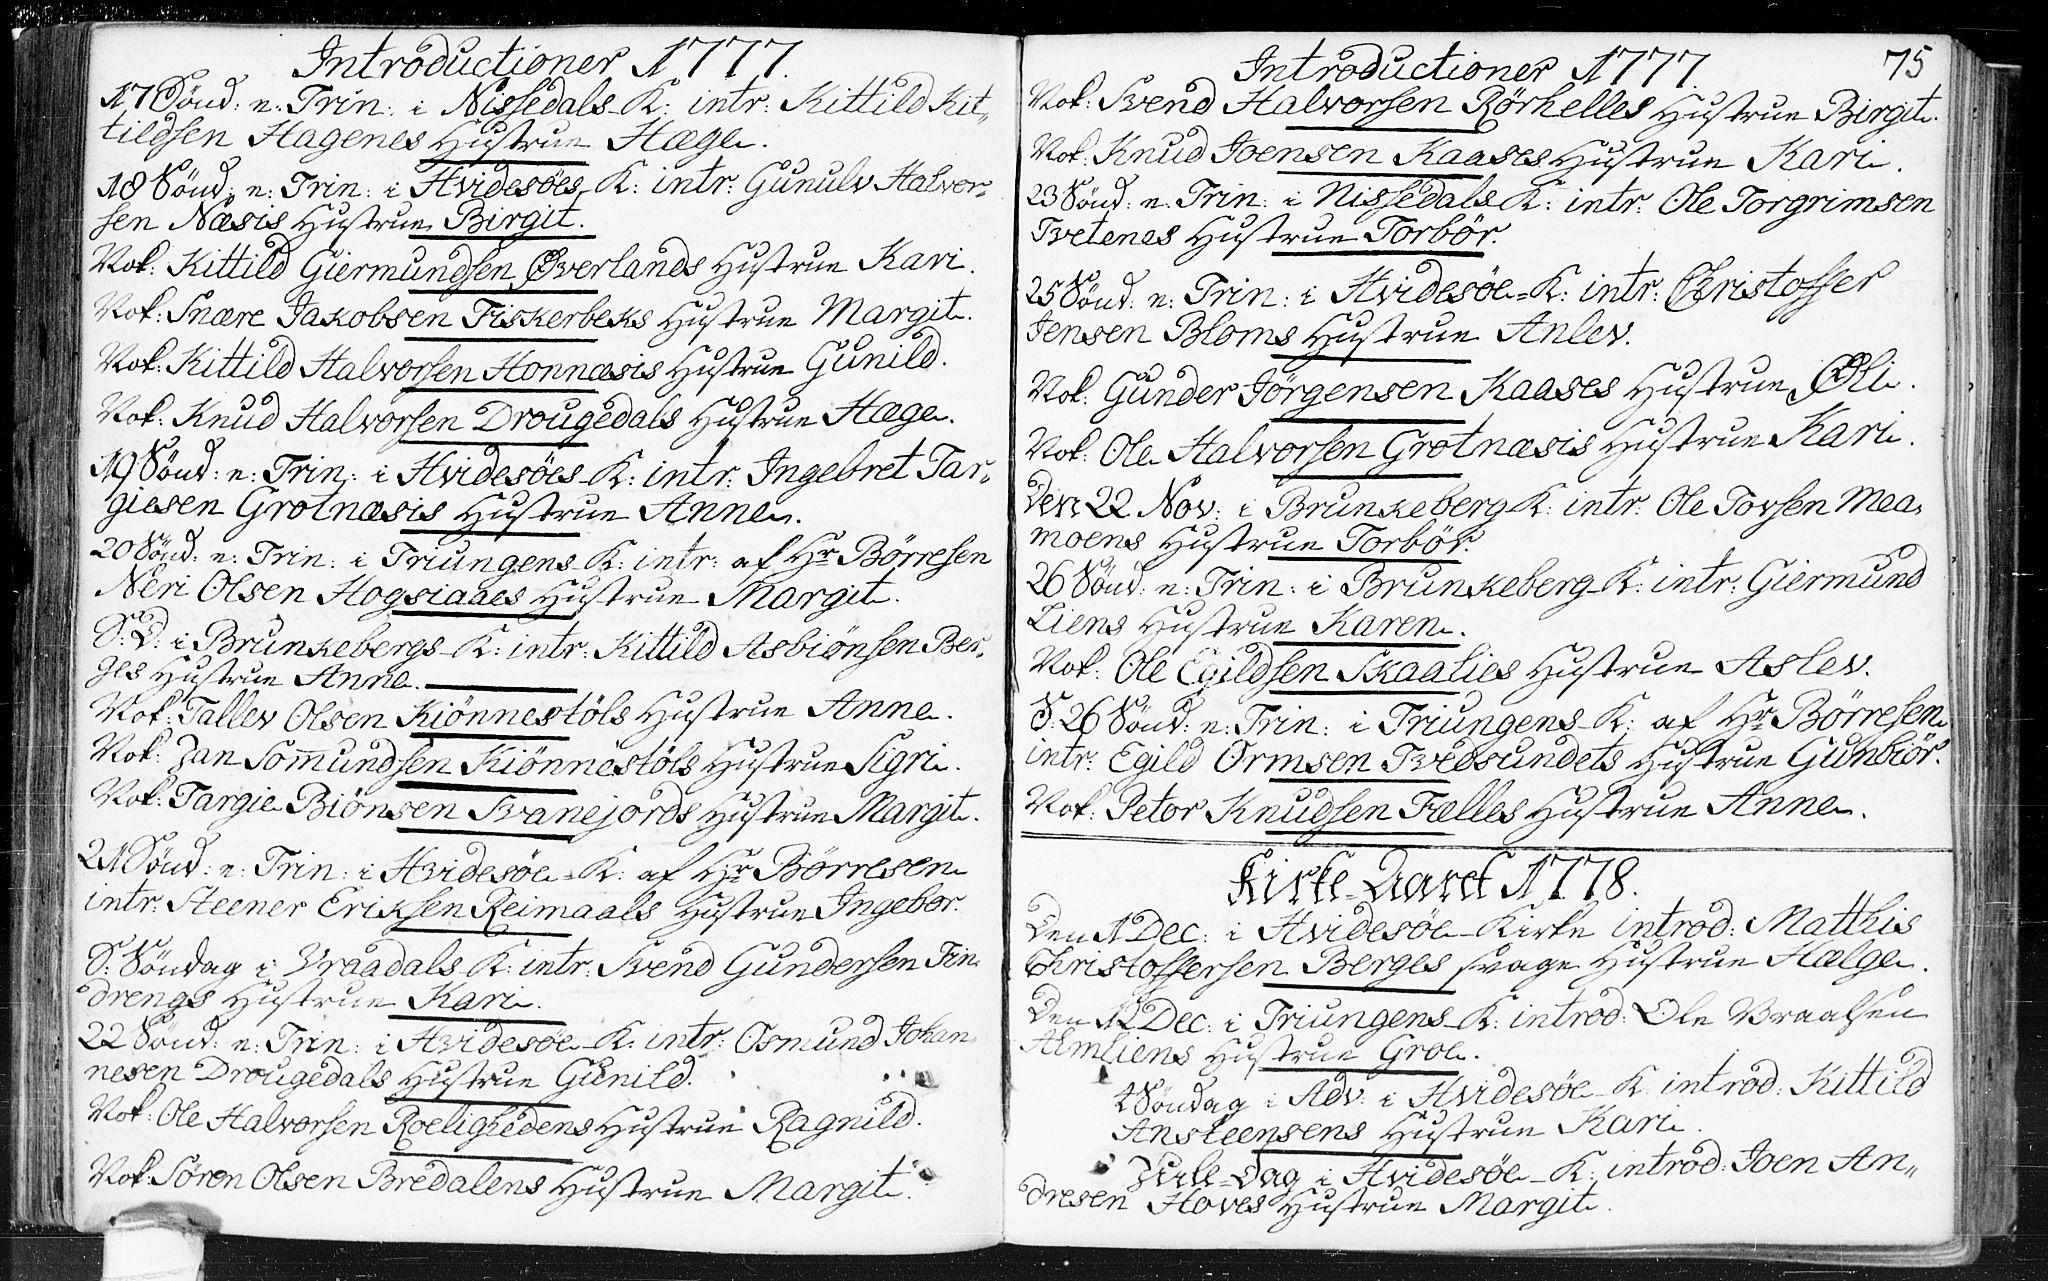 SAKO, Kviteseid kirkebøker, F/Fa/L0002: Ministerialbok nr. I 2, 1773-1786, s. 75